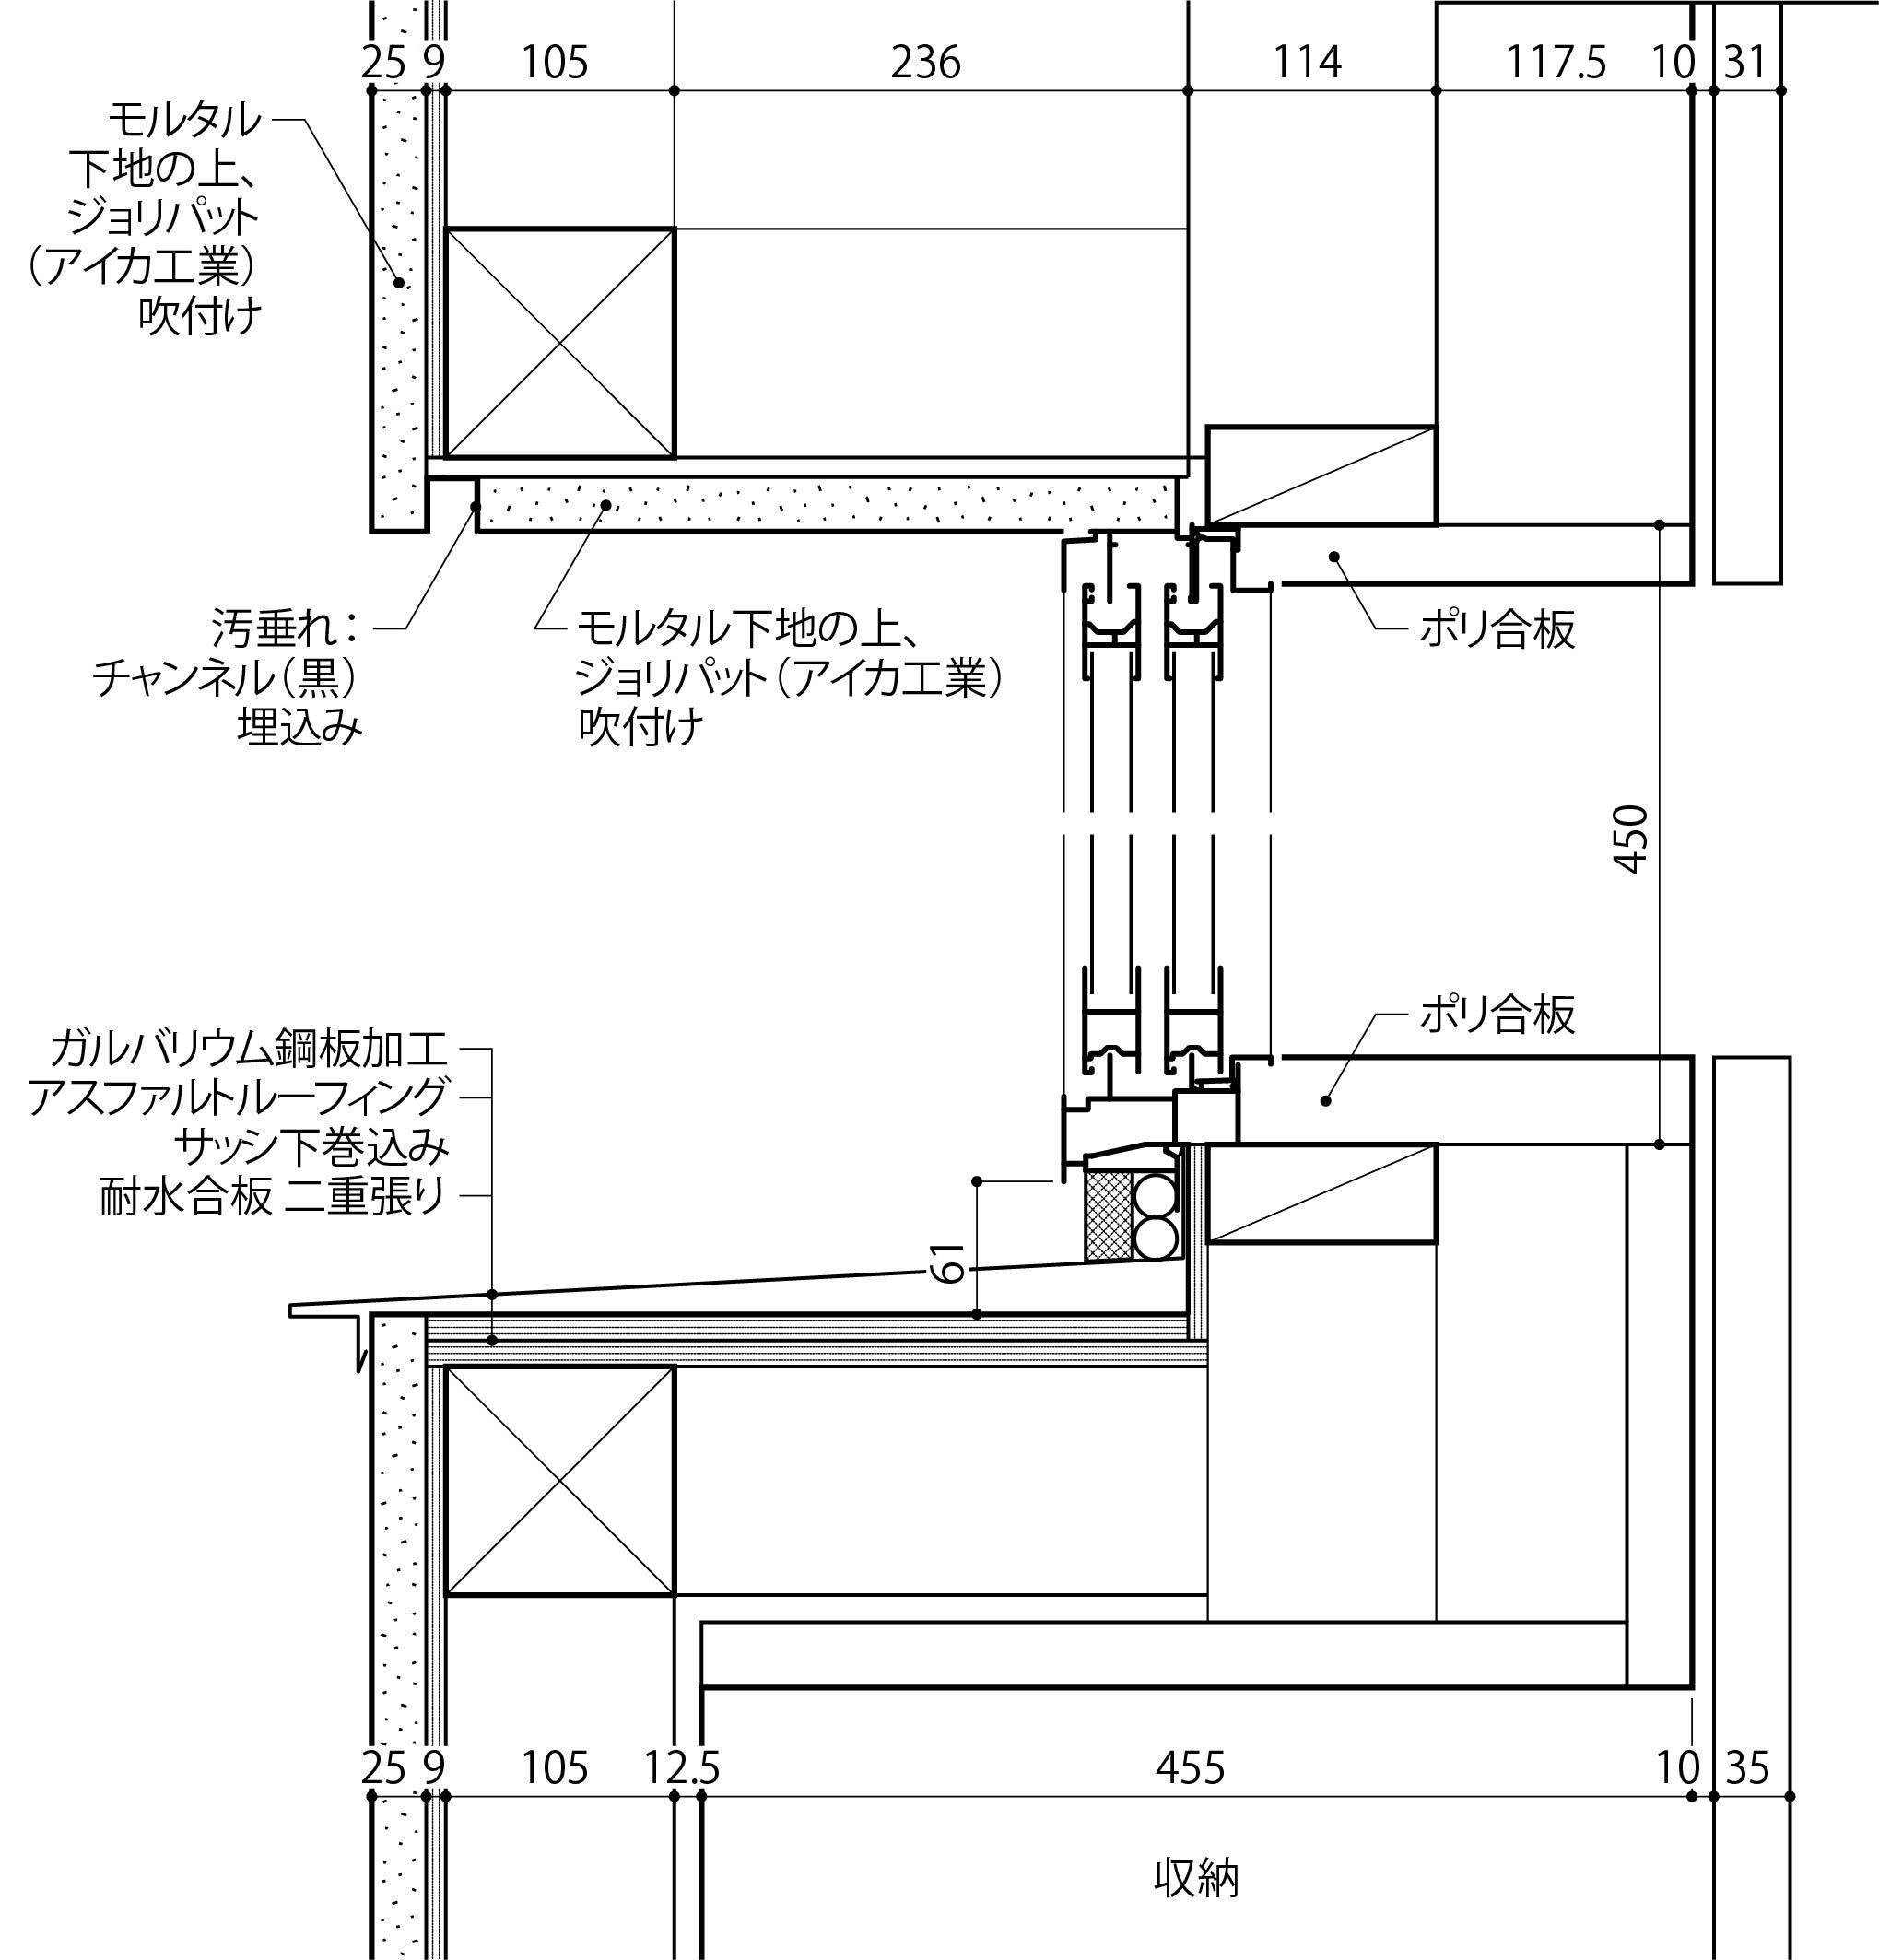 Rcのようなセットバック窓図面画像 詳細図面 施工図 建物 構造